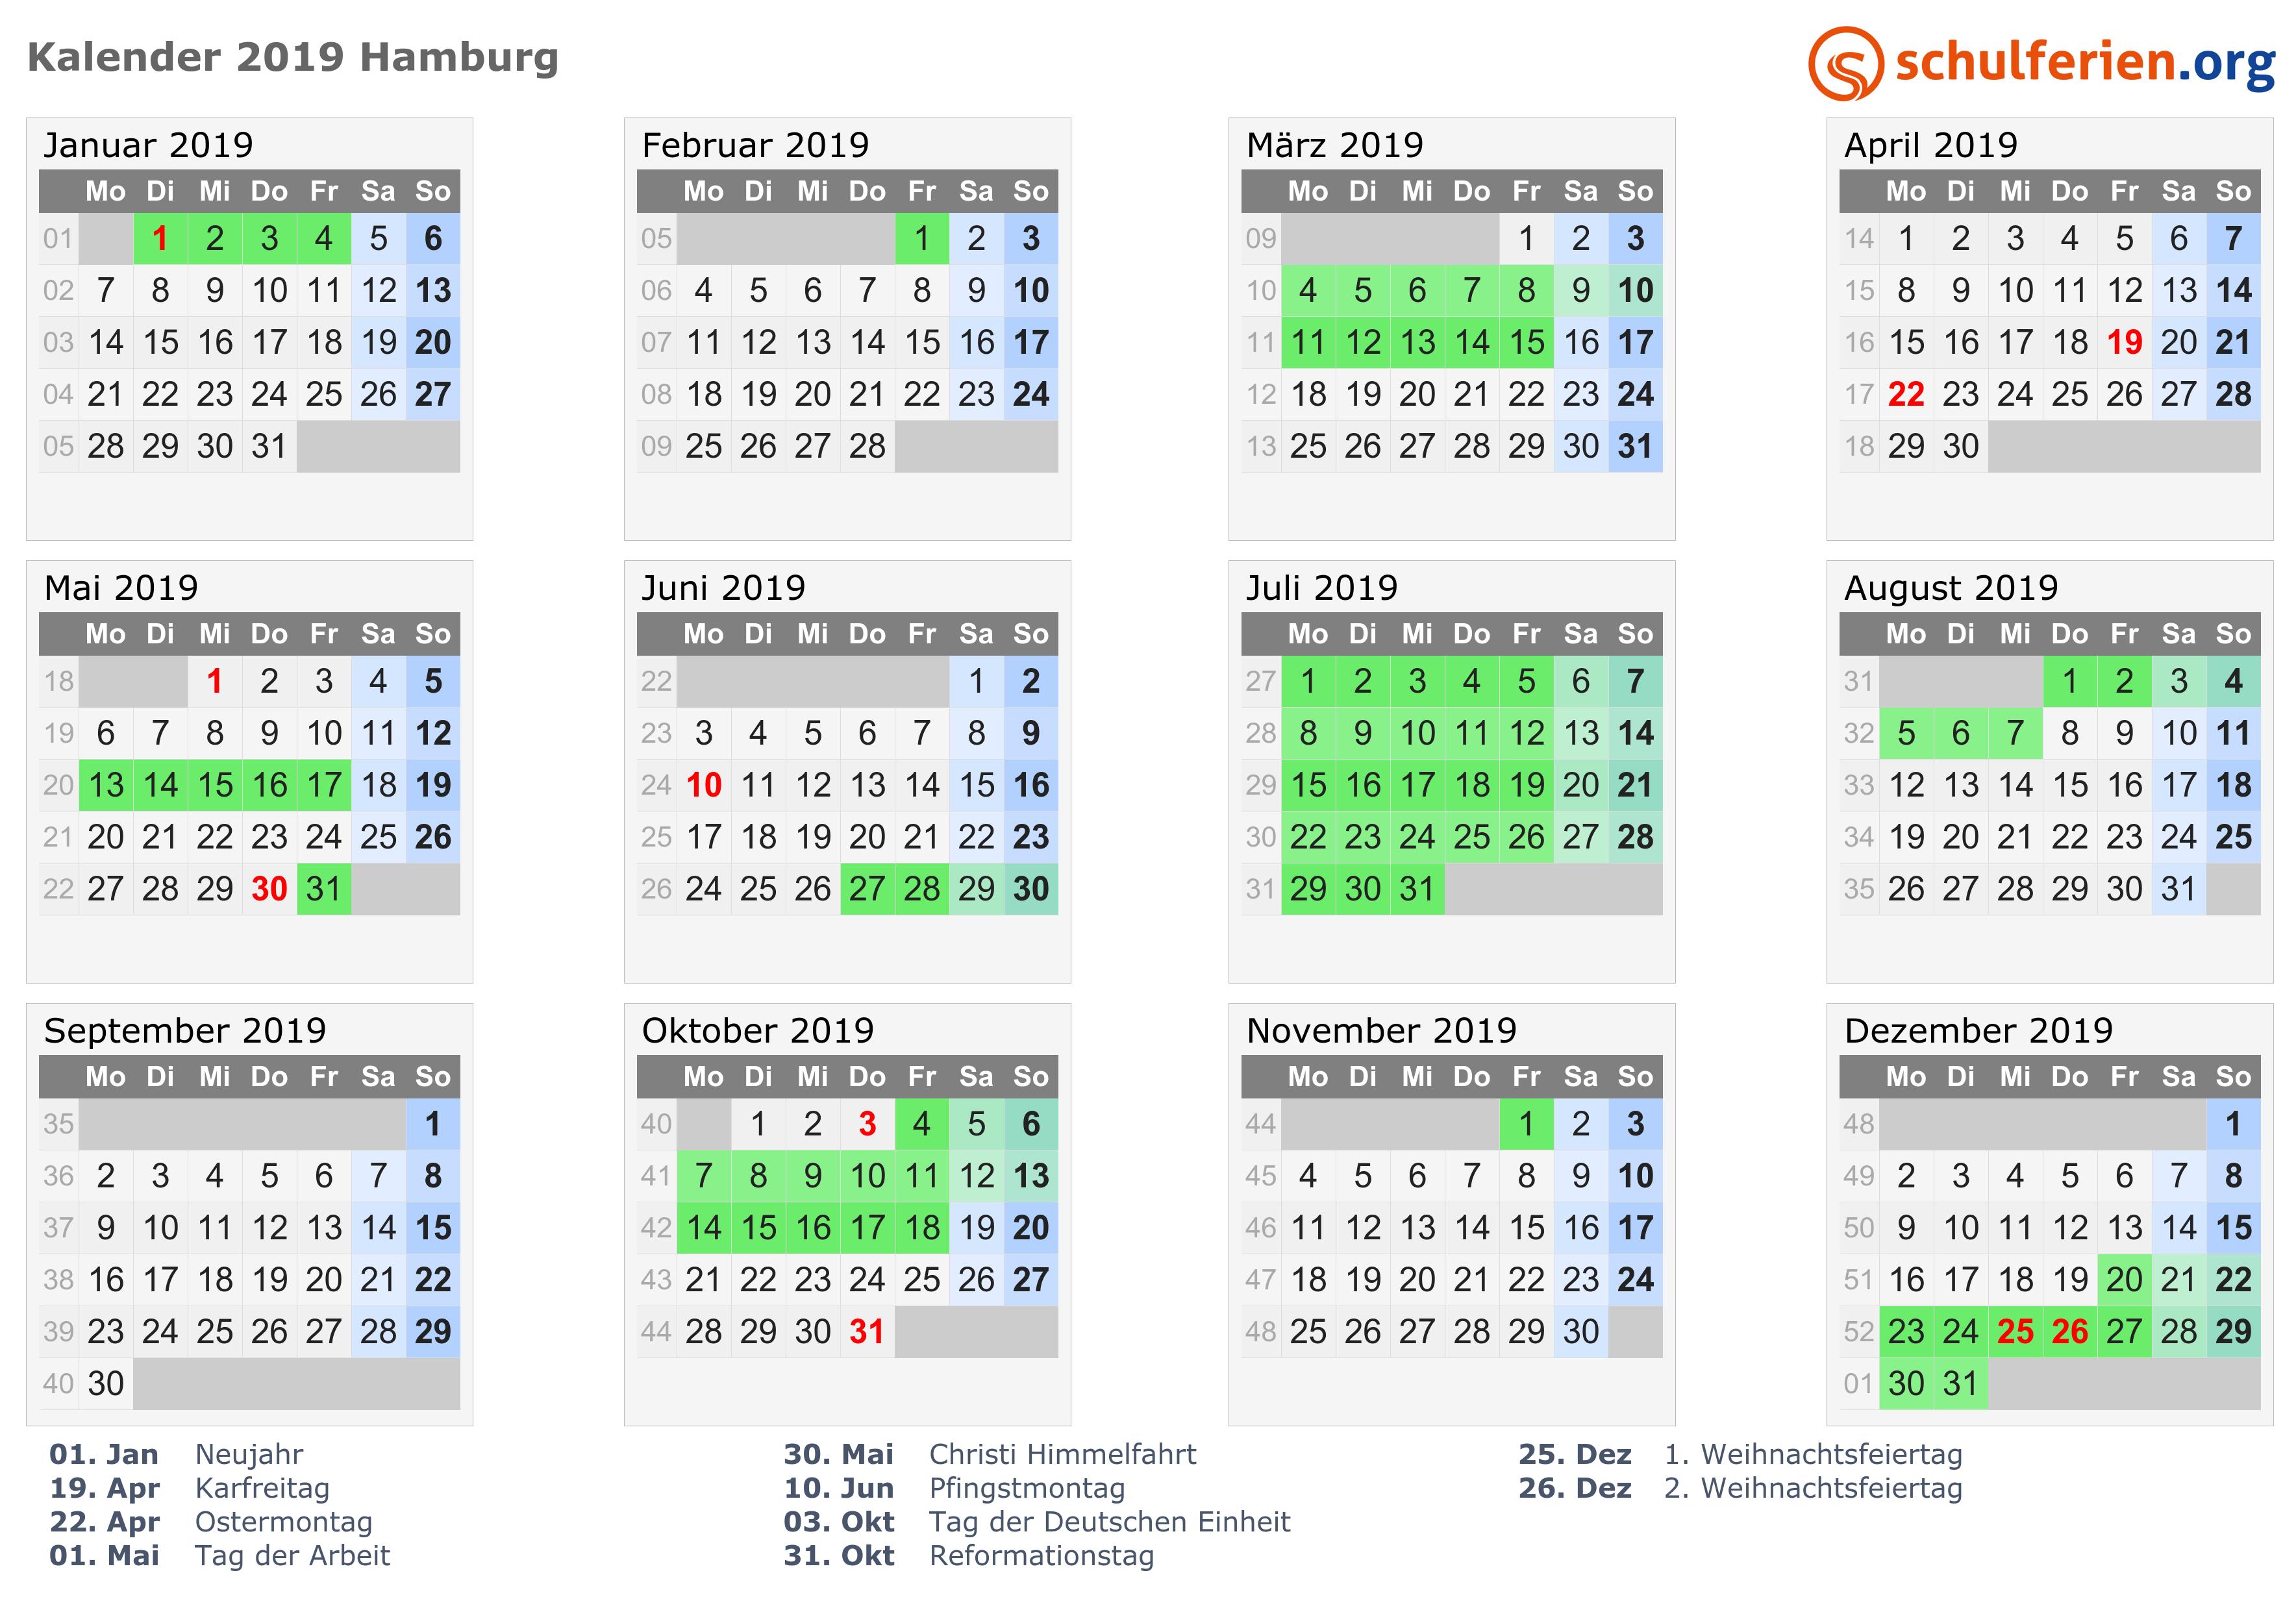 Kalender 2019 Ferien Hamburg Feiertage